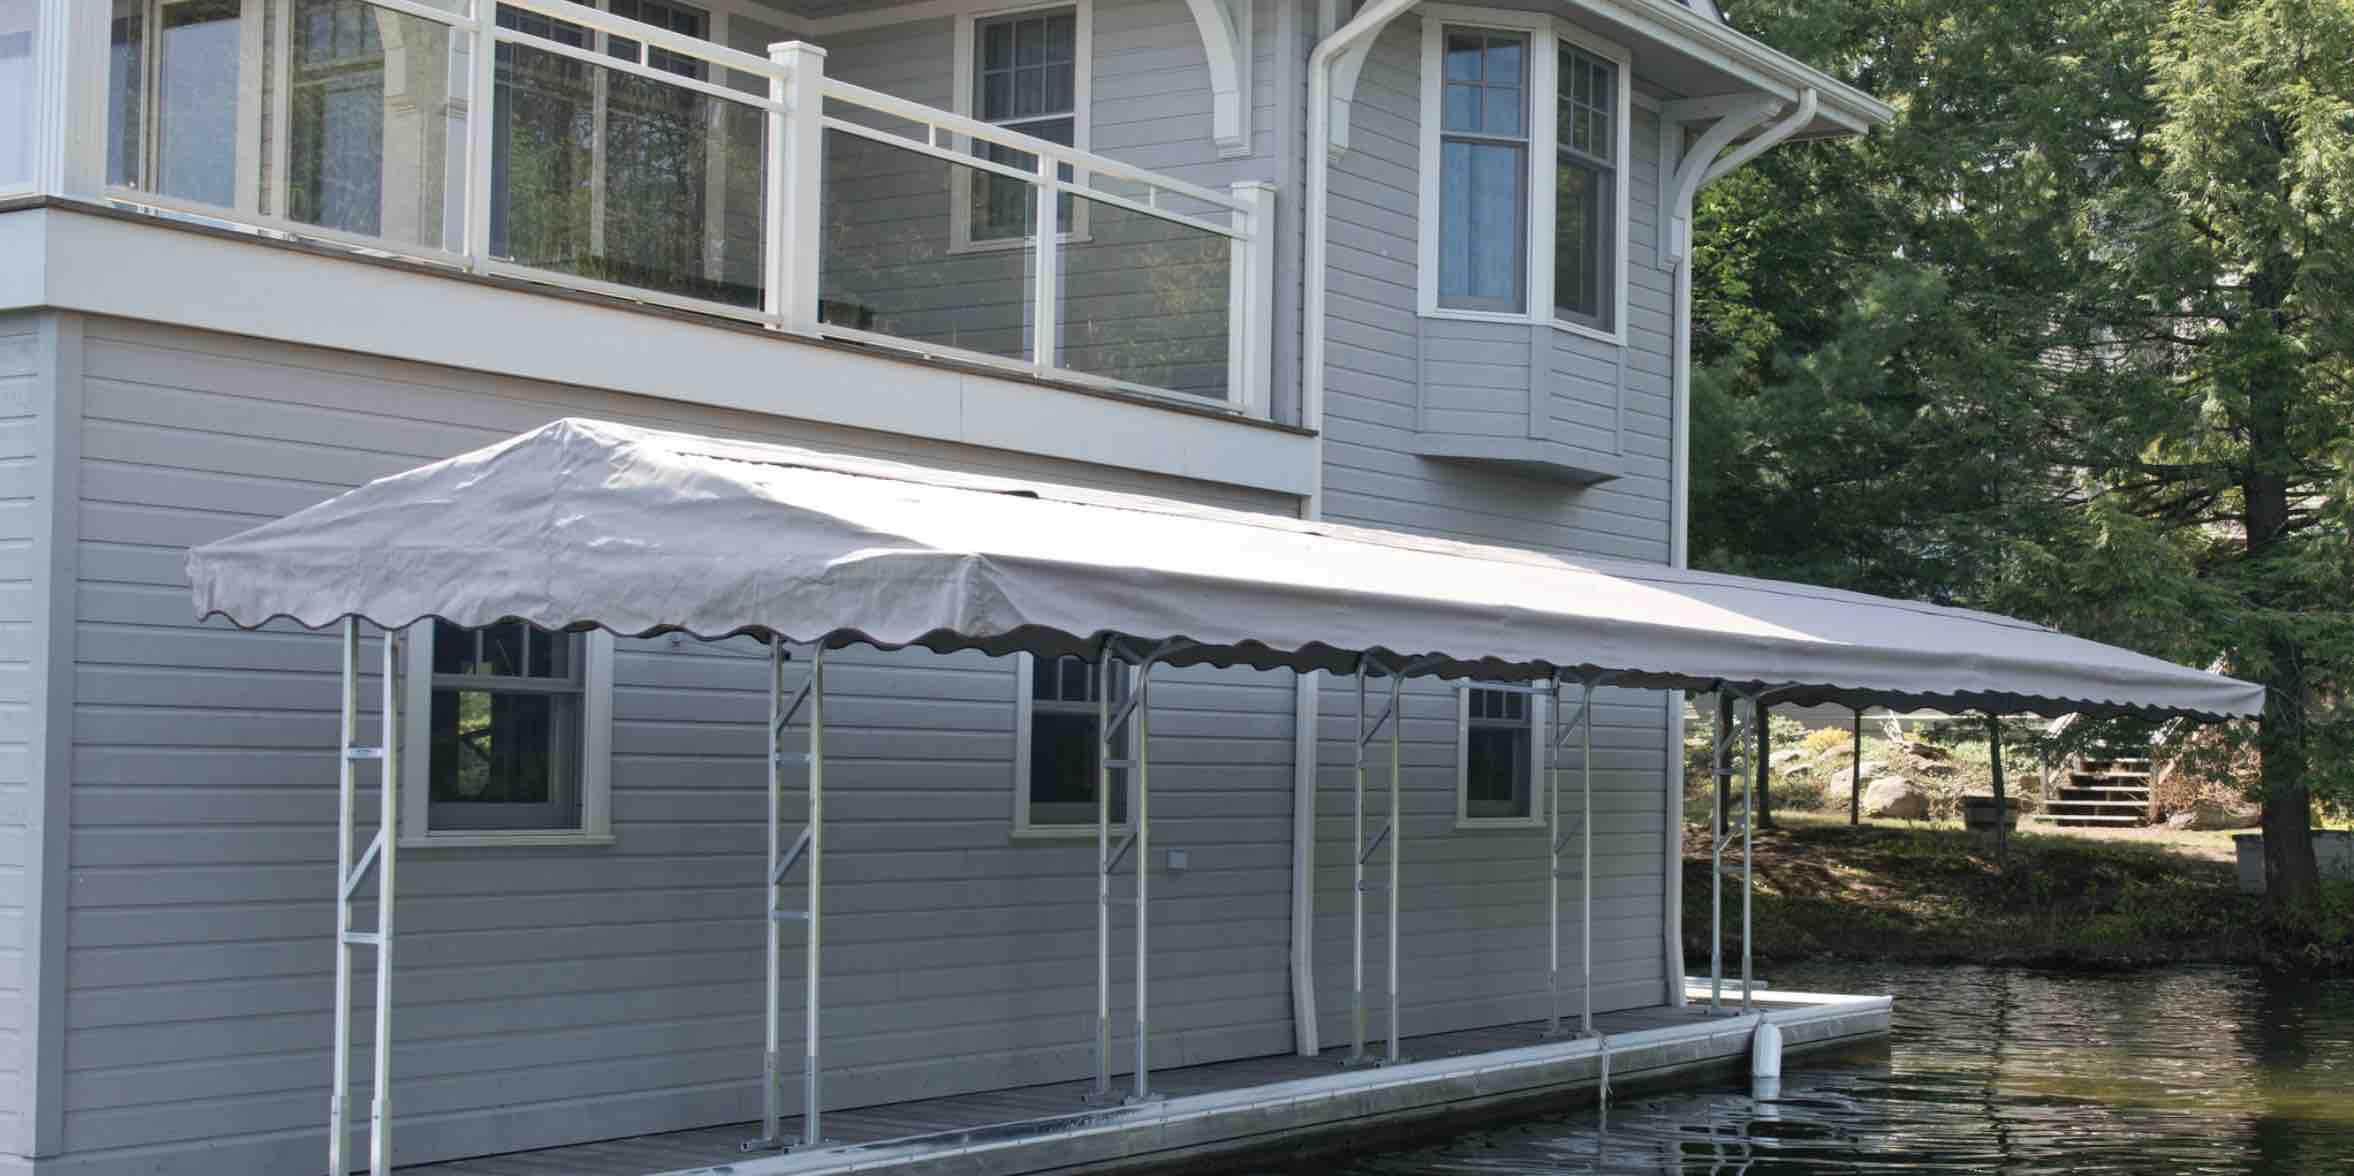 A Muskoka awning set aside a boathouse